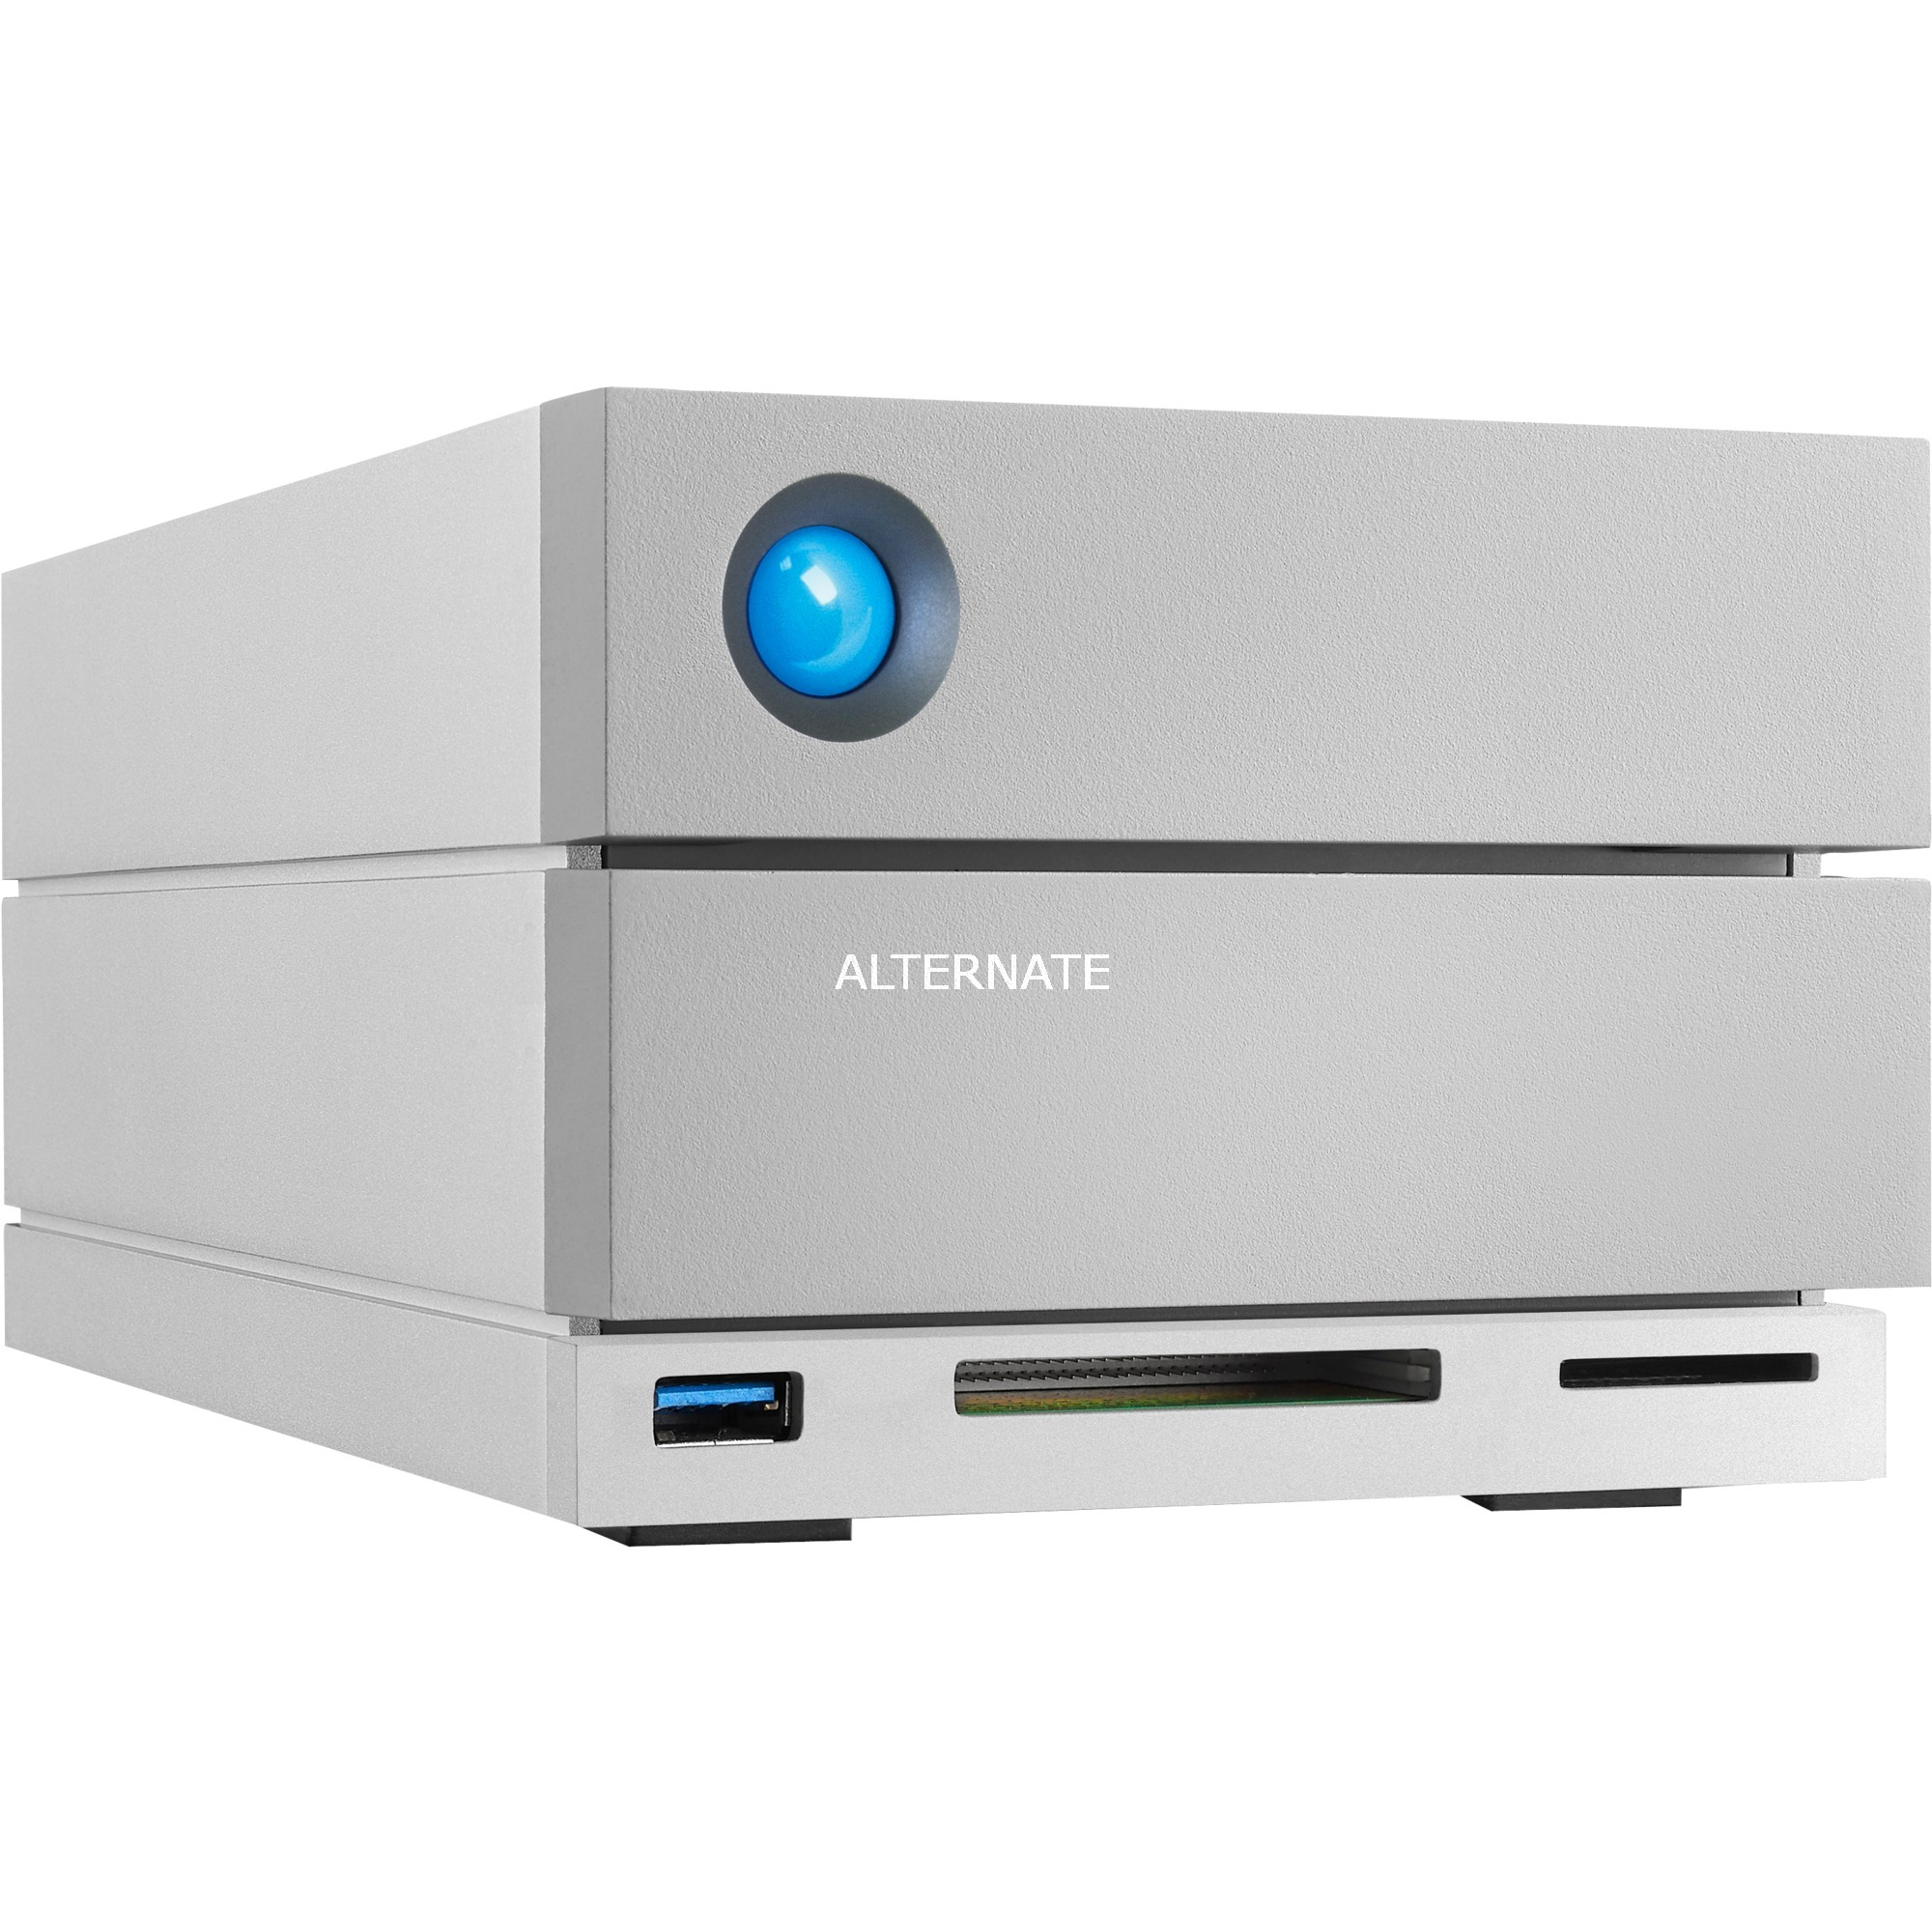 2big Dock Thunderbolt 3 16TB unidad de disco multiple Escritorio Plata, Unidad de disco duro